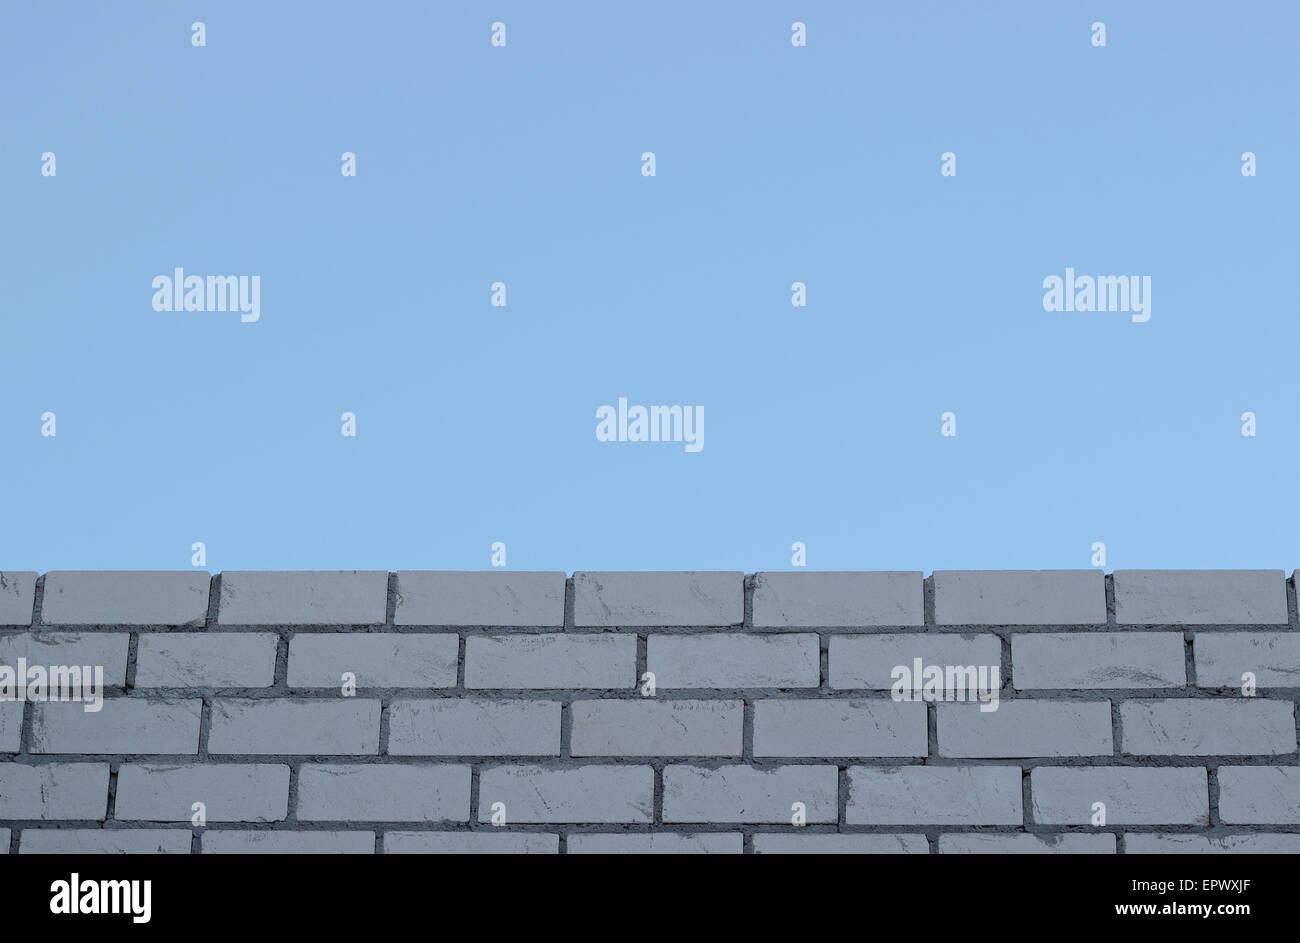 La tessitura di un bianco muro di mattoni il cielo blu sfondi Immagini Stock